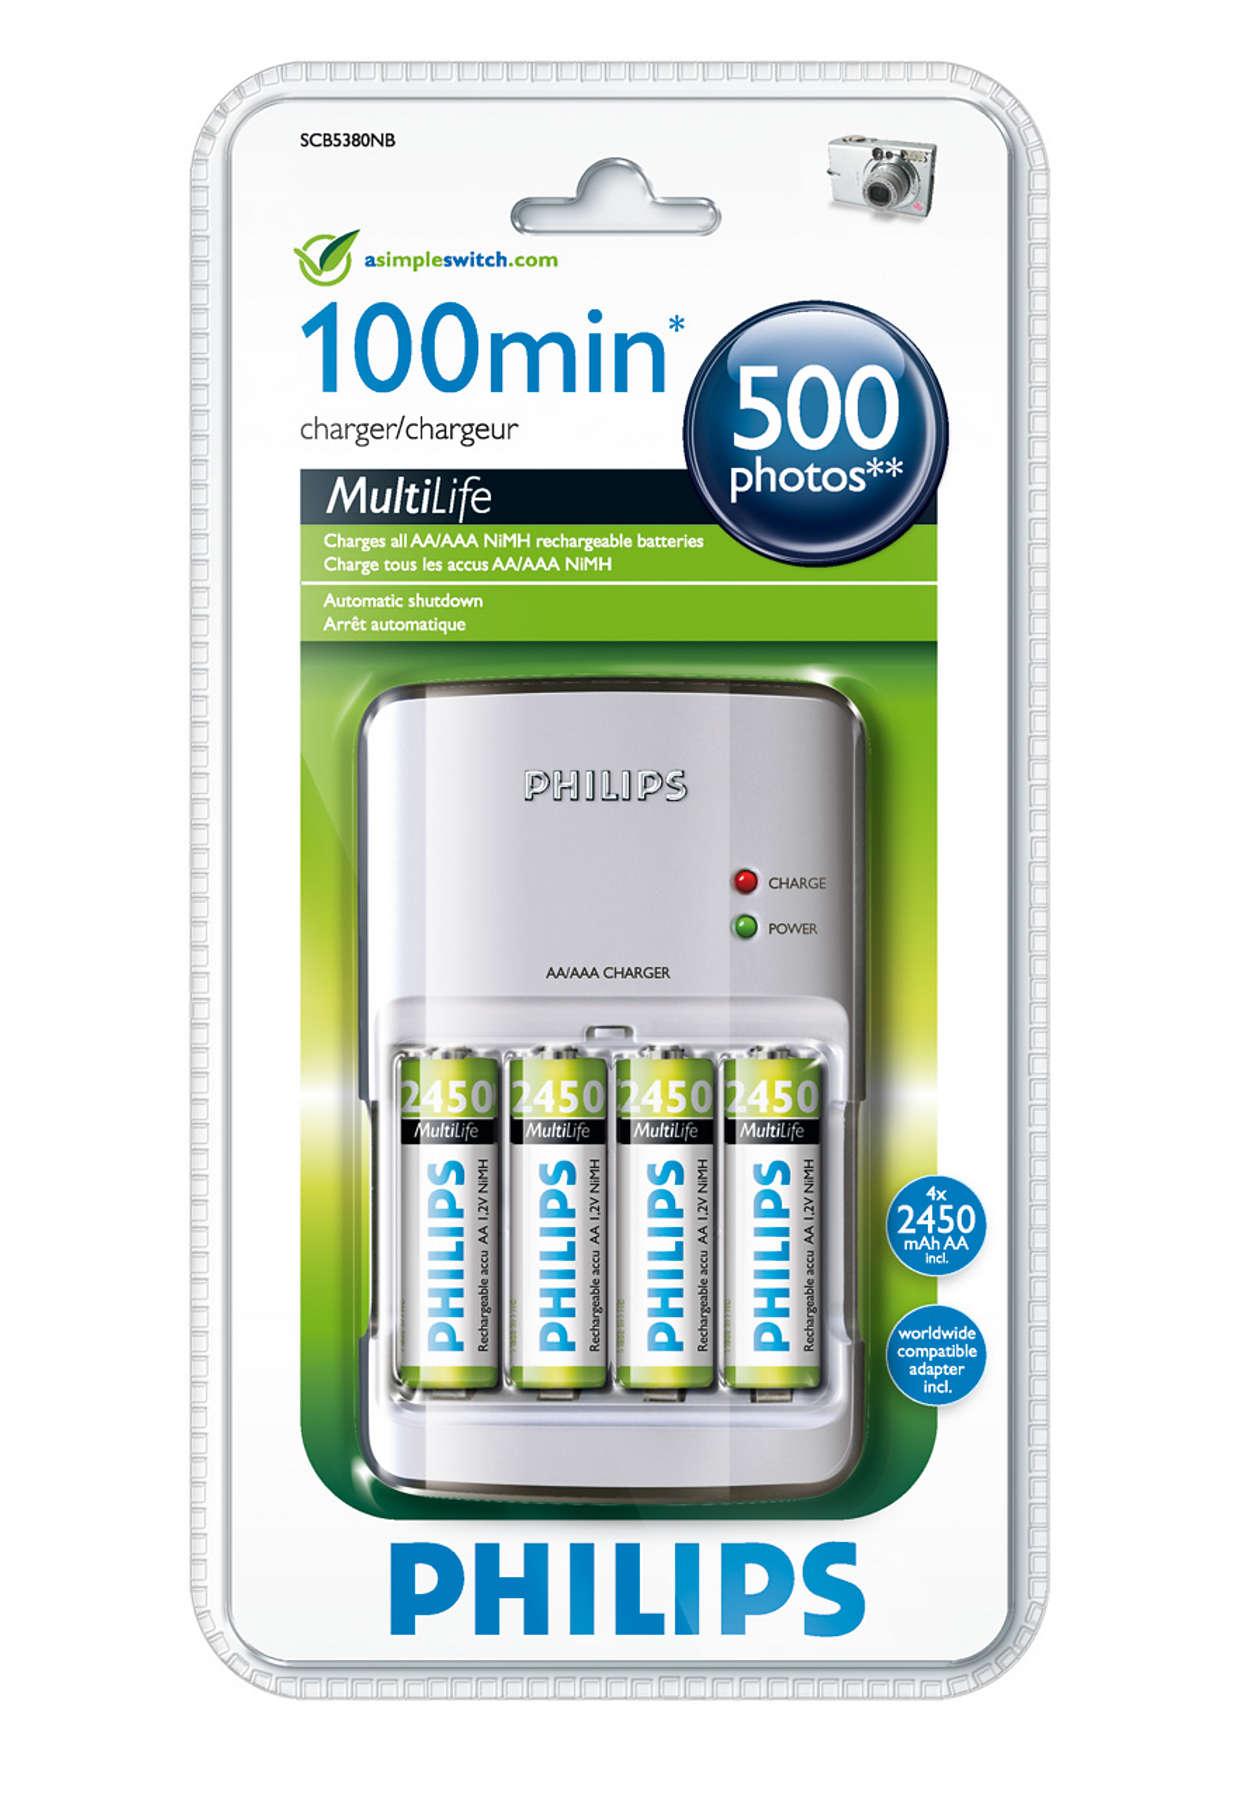 Pełne naładowanie akumulatorów w ciągu 100 minut